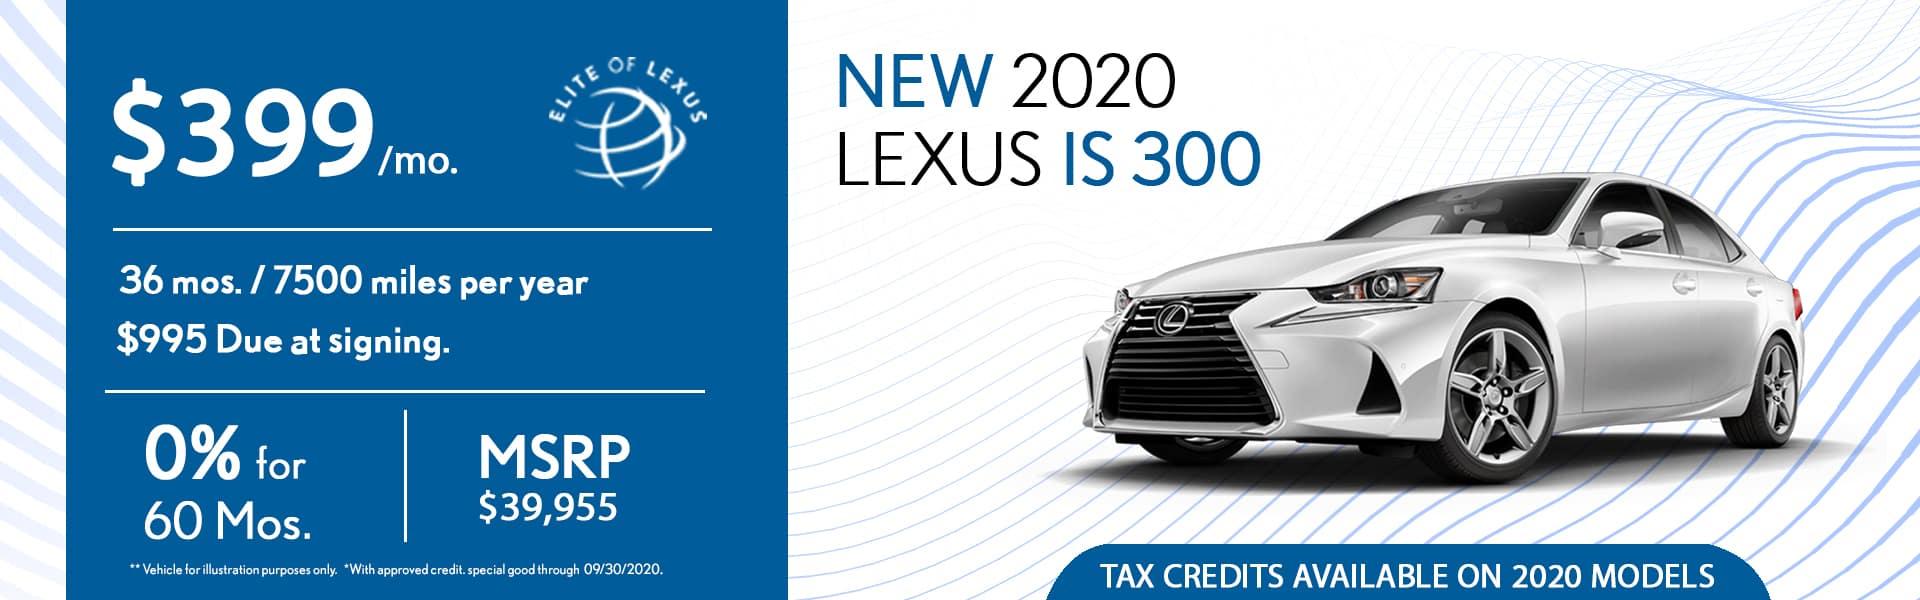 2020 Lexus IS 300 special